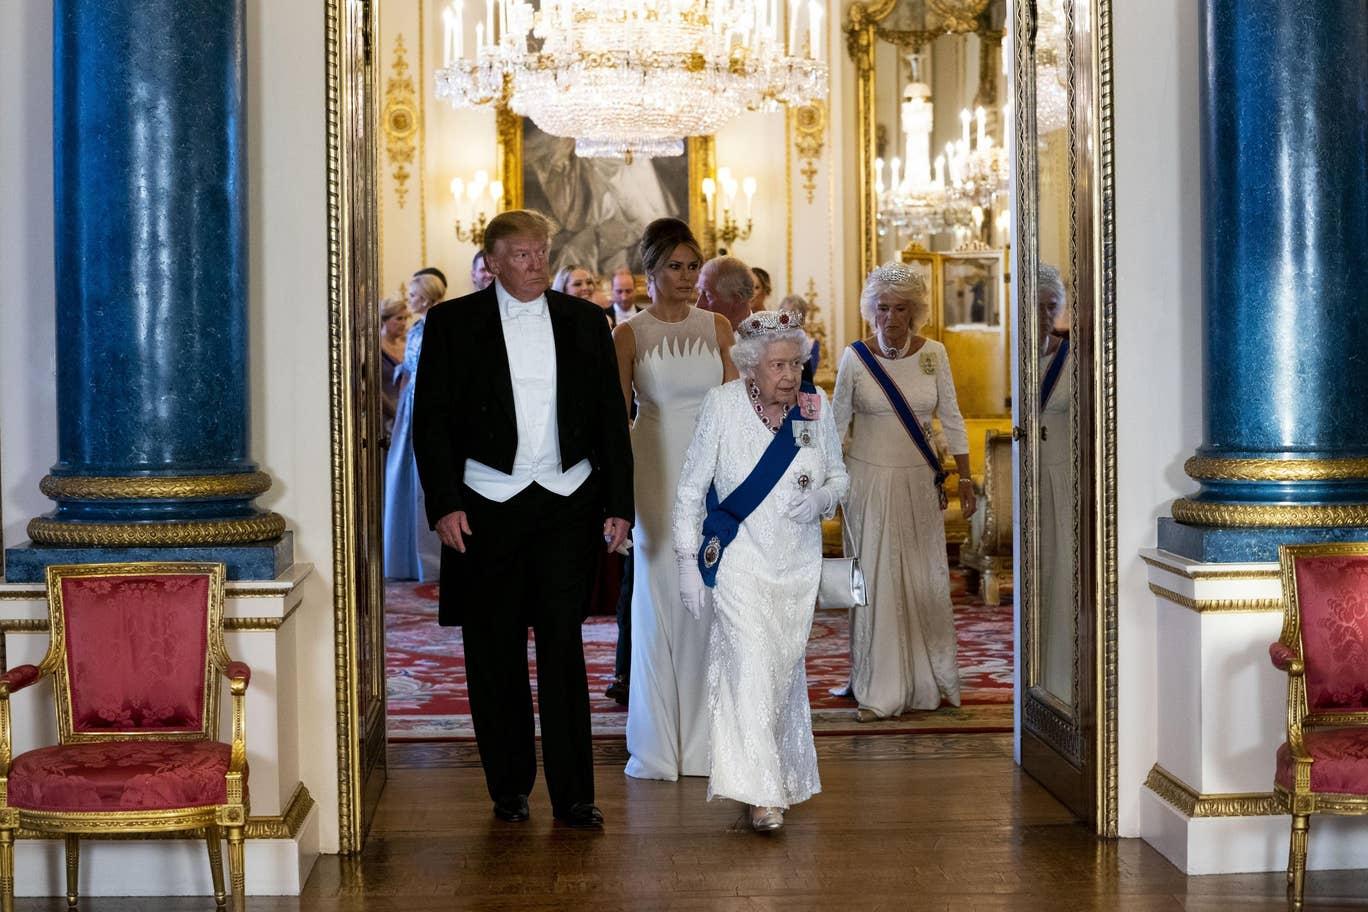 Кейт Миддлтон в роскошном платье от Alexander McQueen на гала-приеме в честь приезда Дональда Трампа